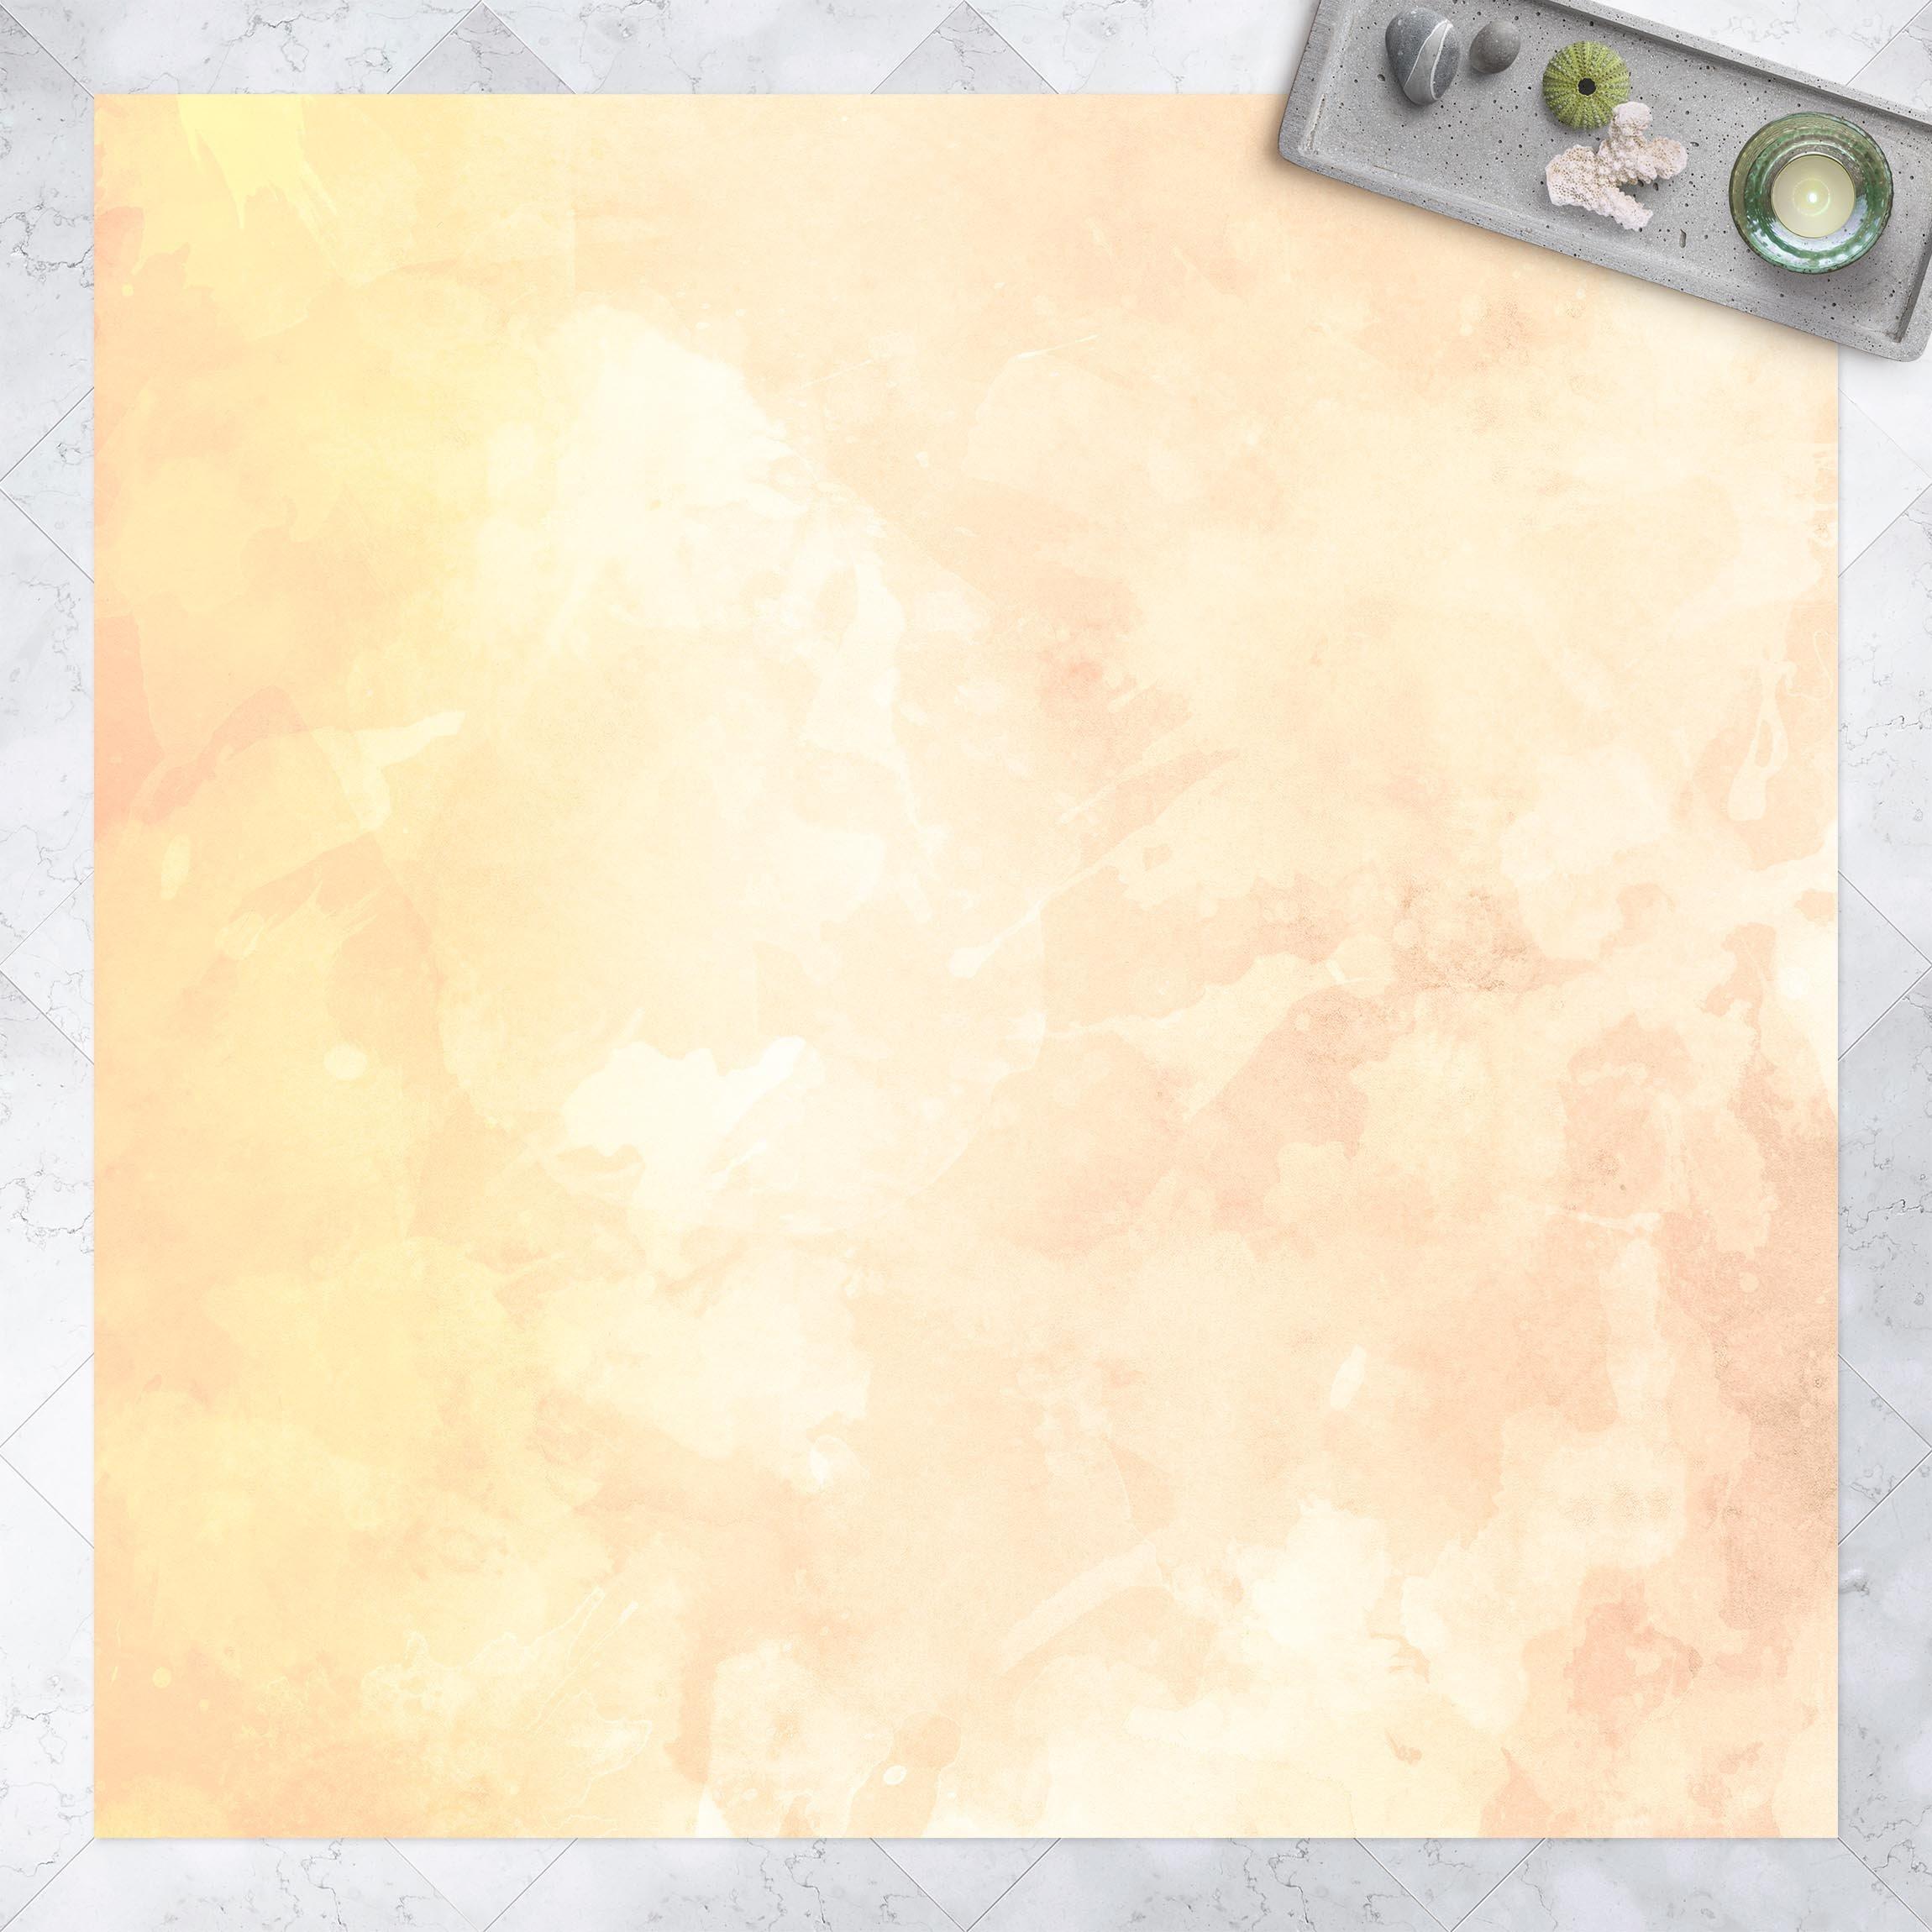 Vinyl-Teppich Aquarellstruktur Gelbe Sonnenflecken günstig online kaufen